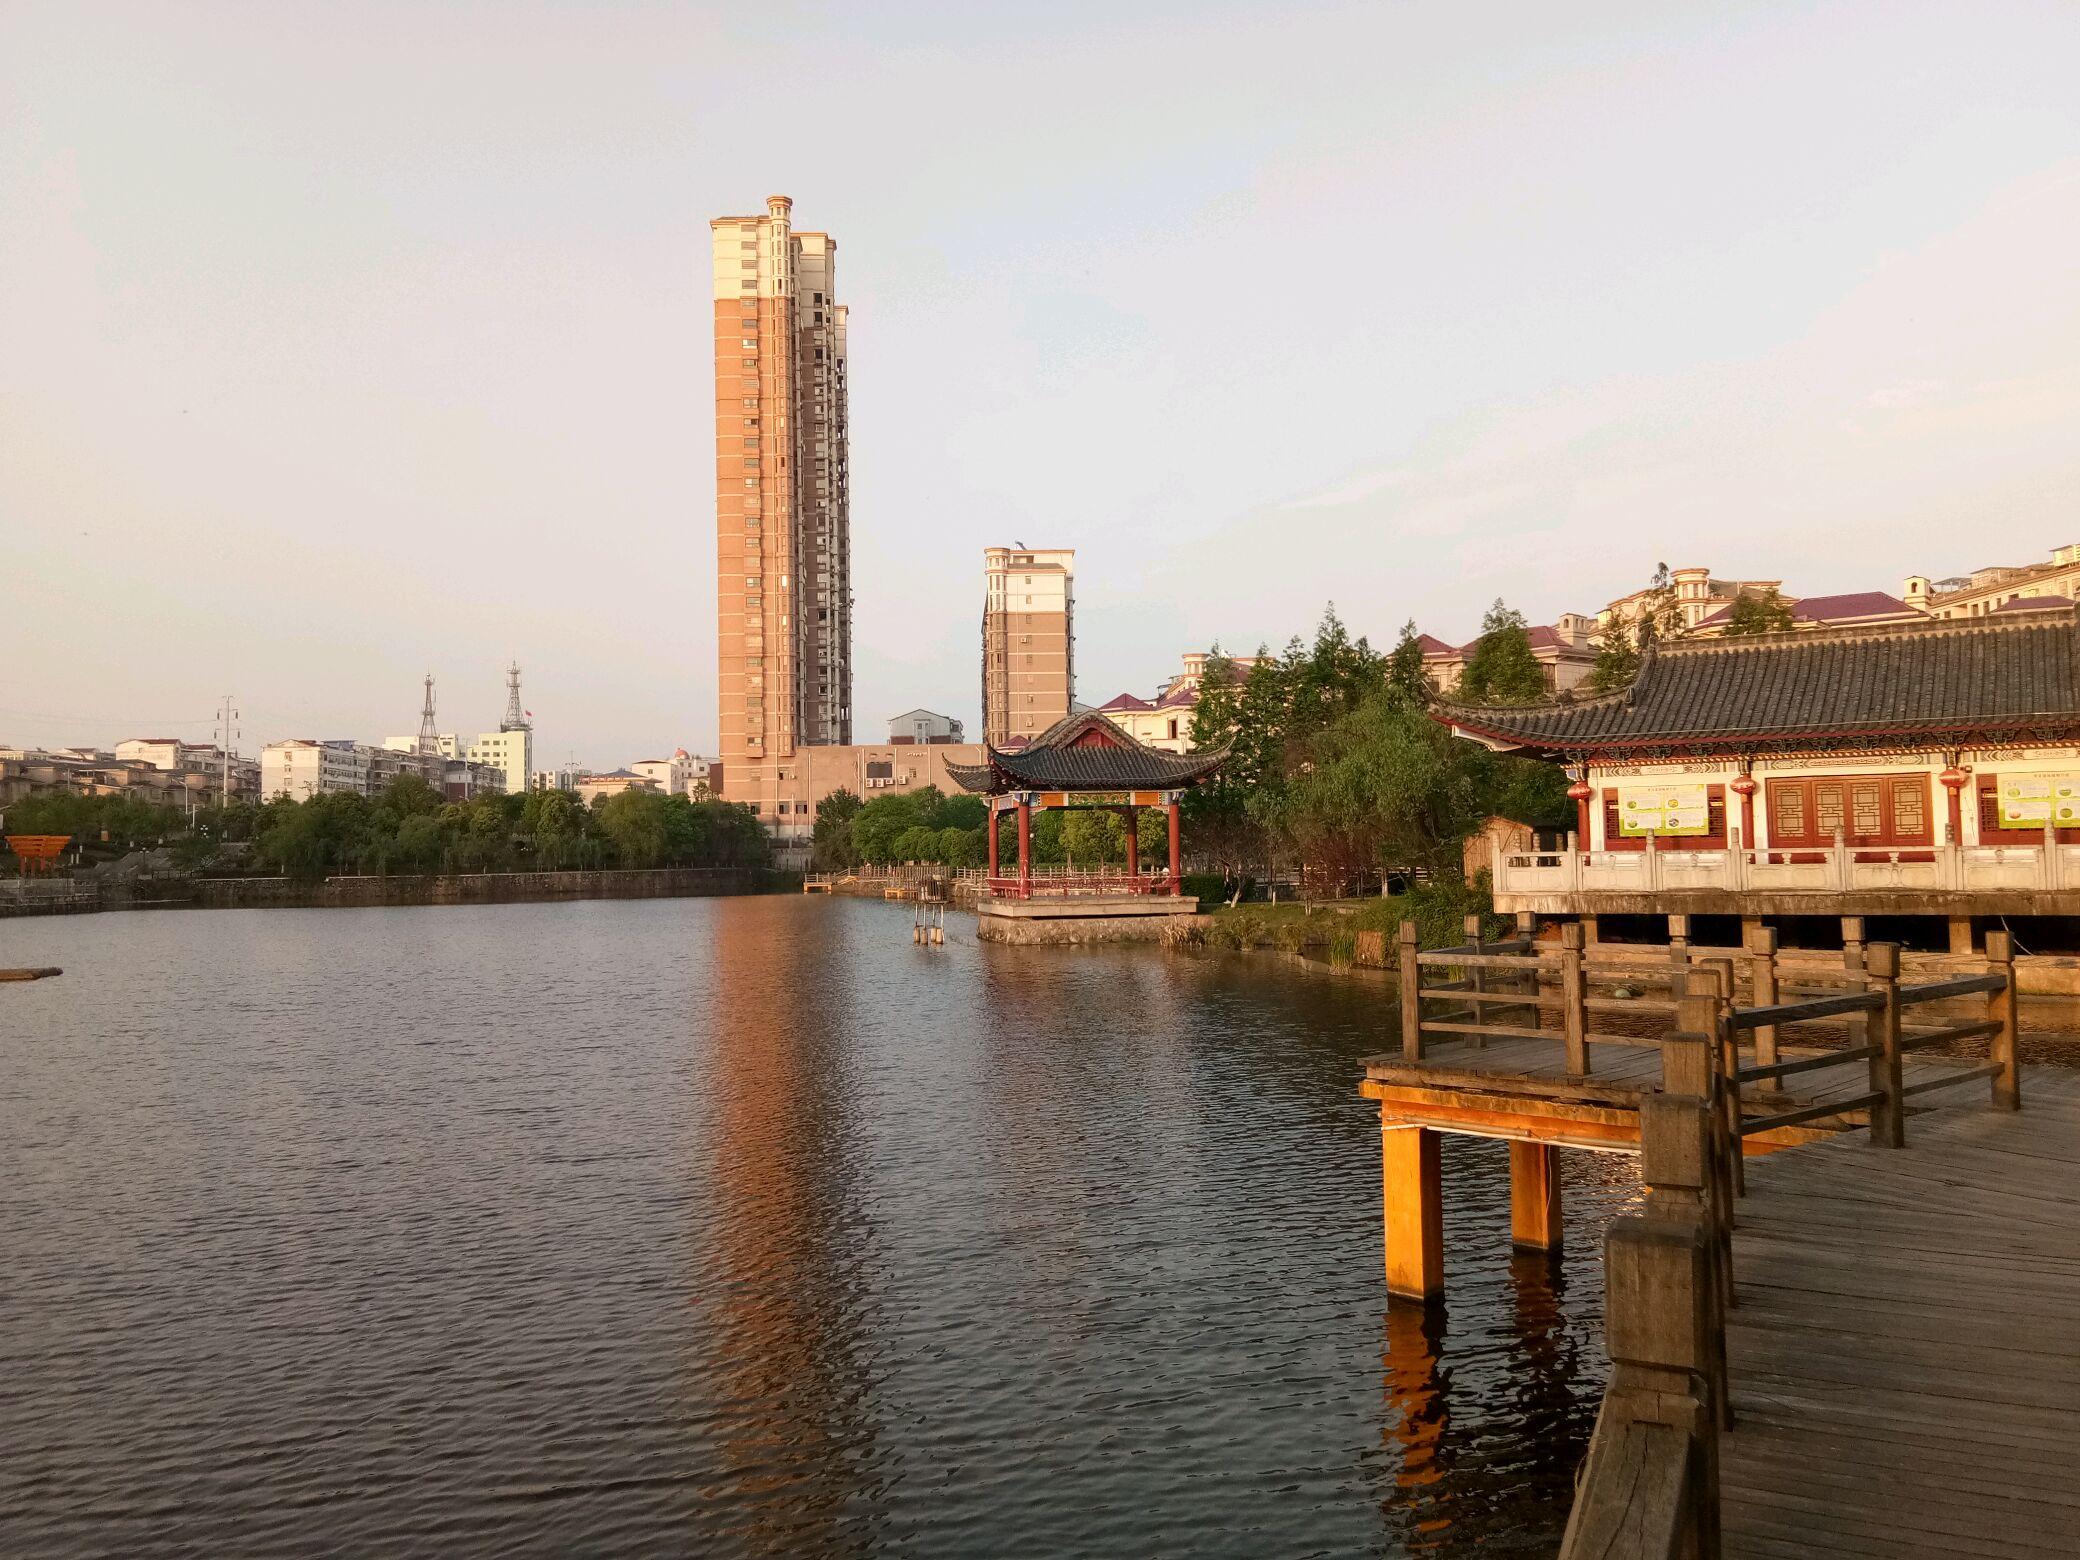 【城市记忆】南丰琴湖公园